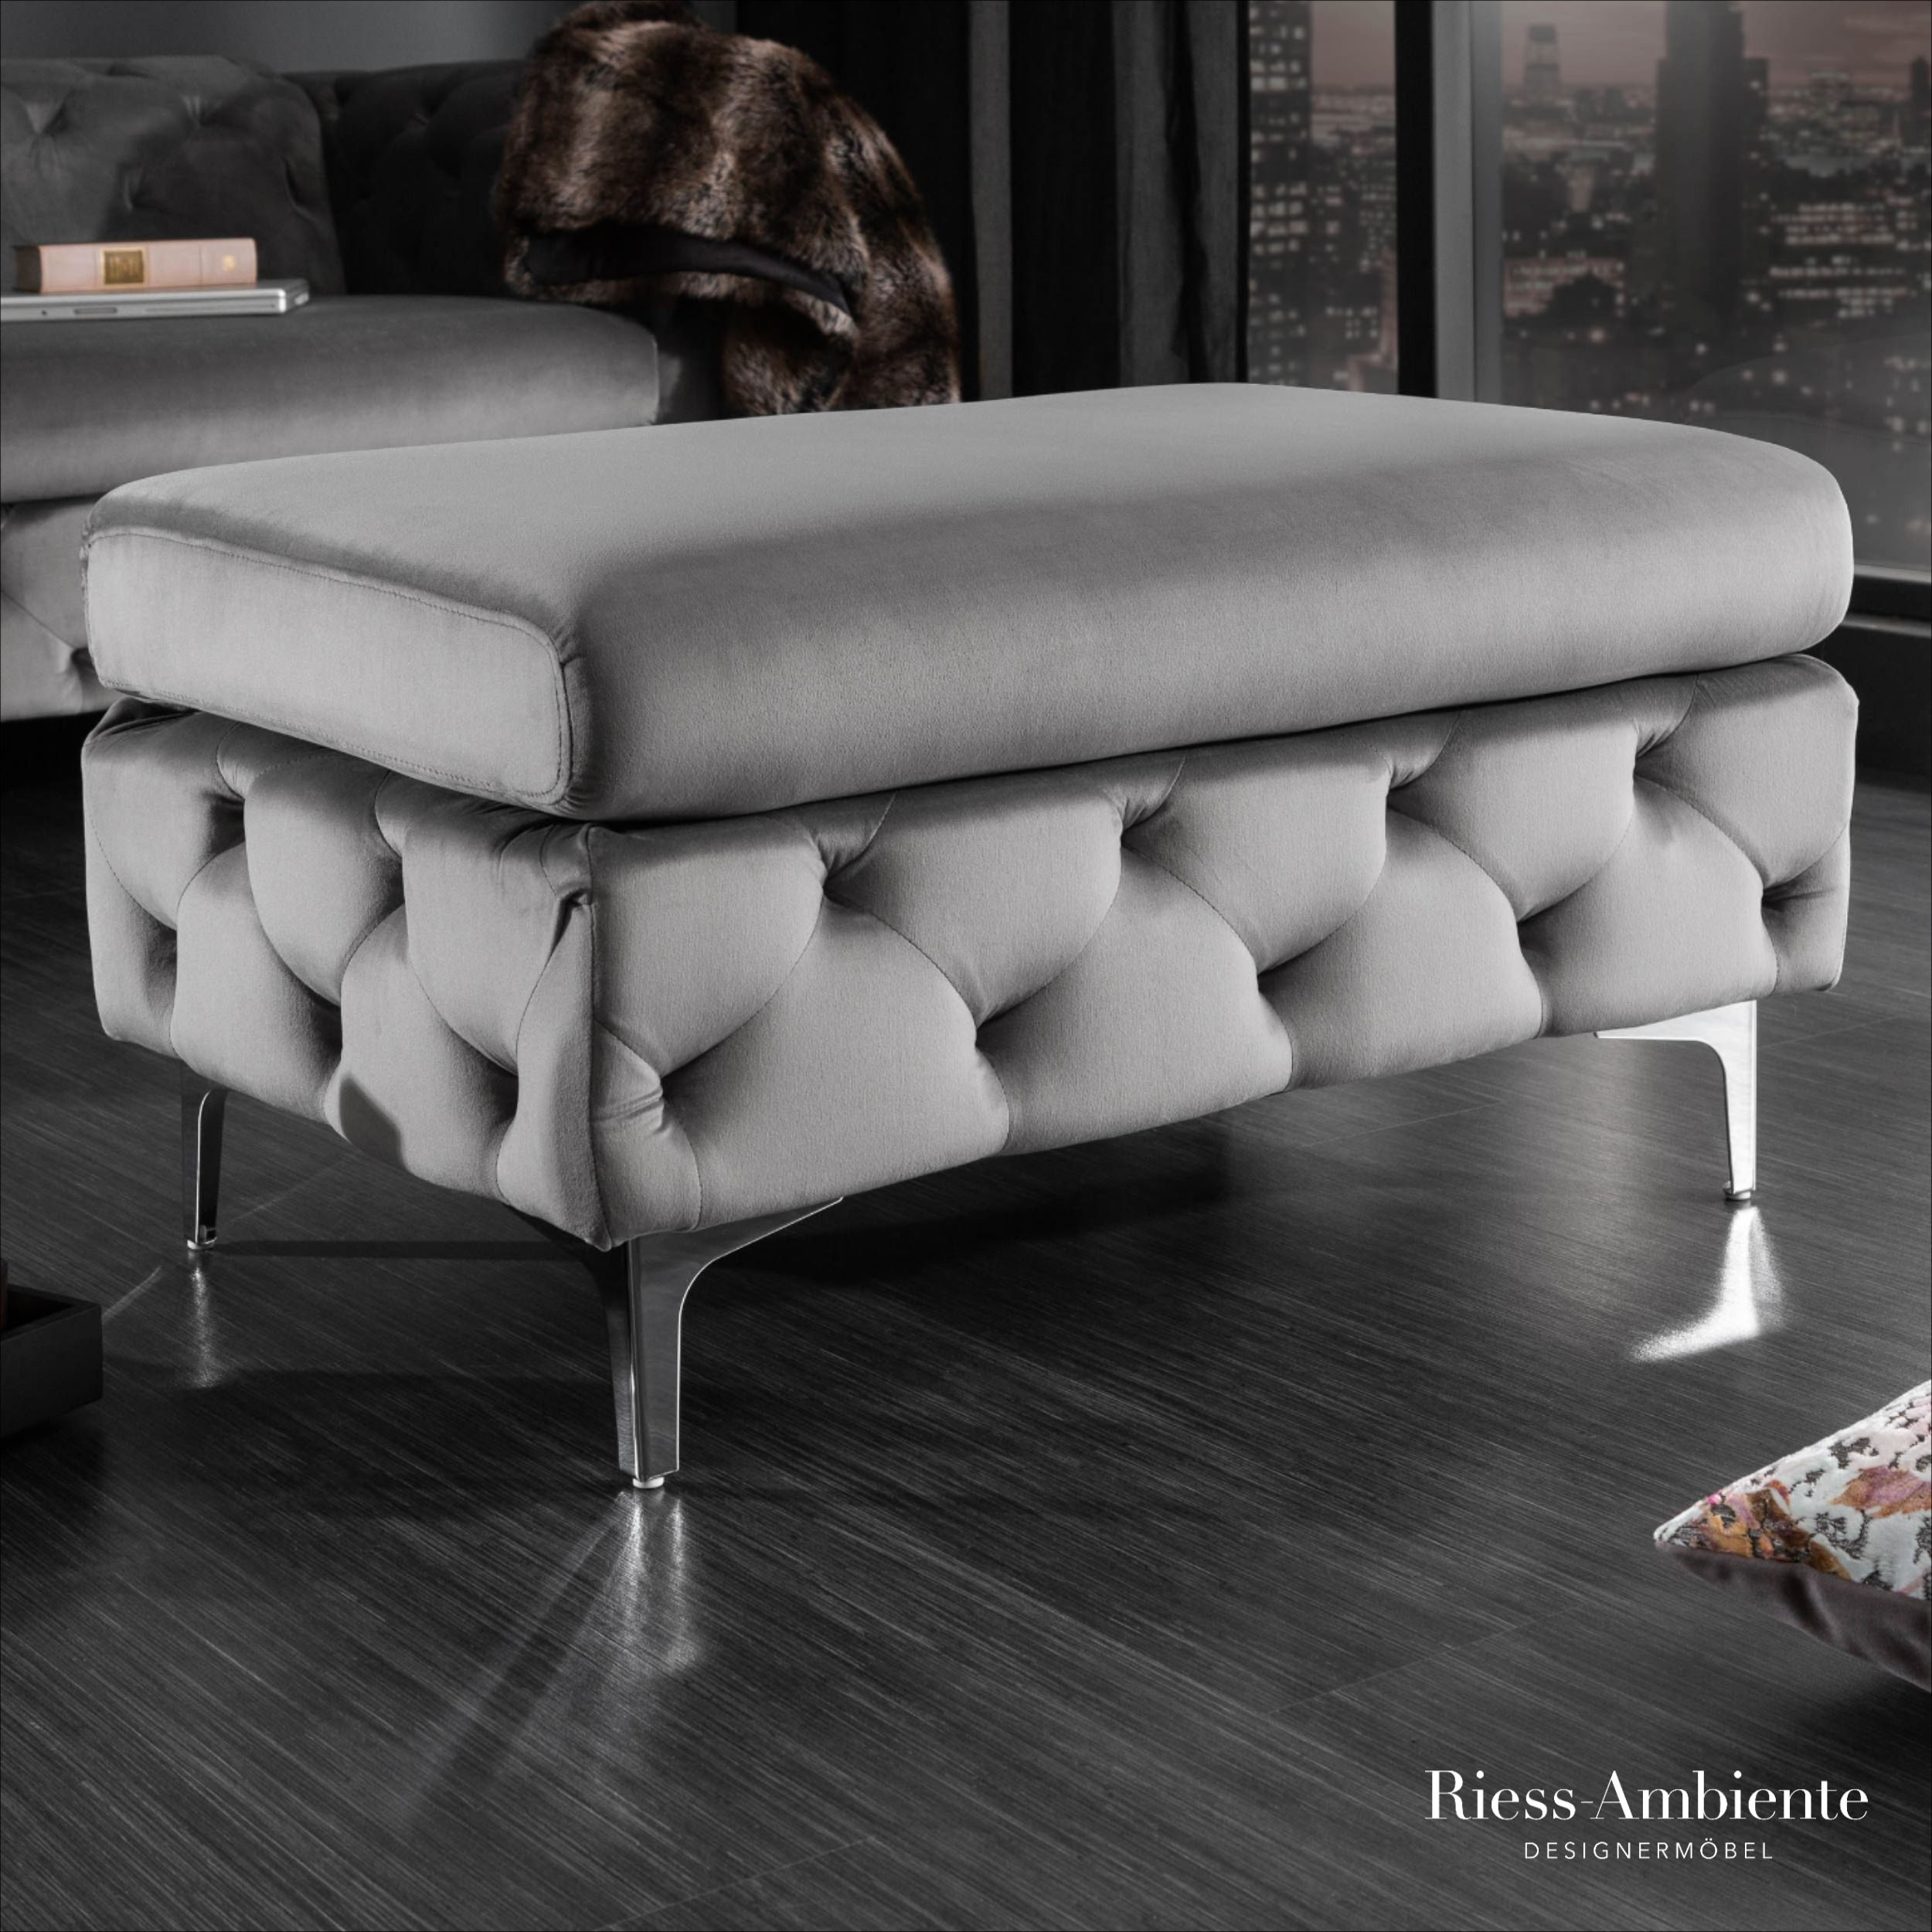 Eleganter Chesterfield Sitz Hocker Modern Barock 90cm Grau Samt Riess Ambiente De Polsterhocker Chesterfield Wohnzimmer Samt Sofa